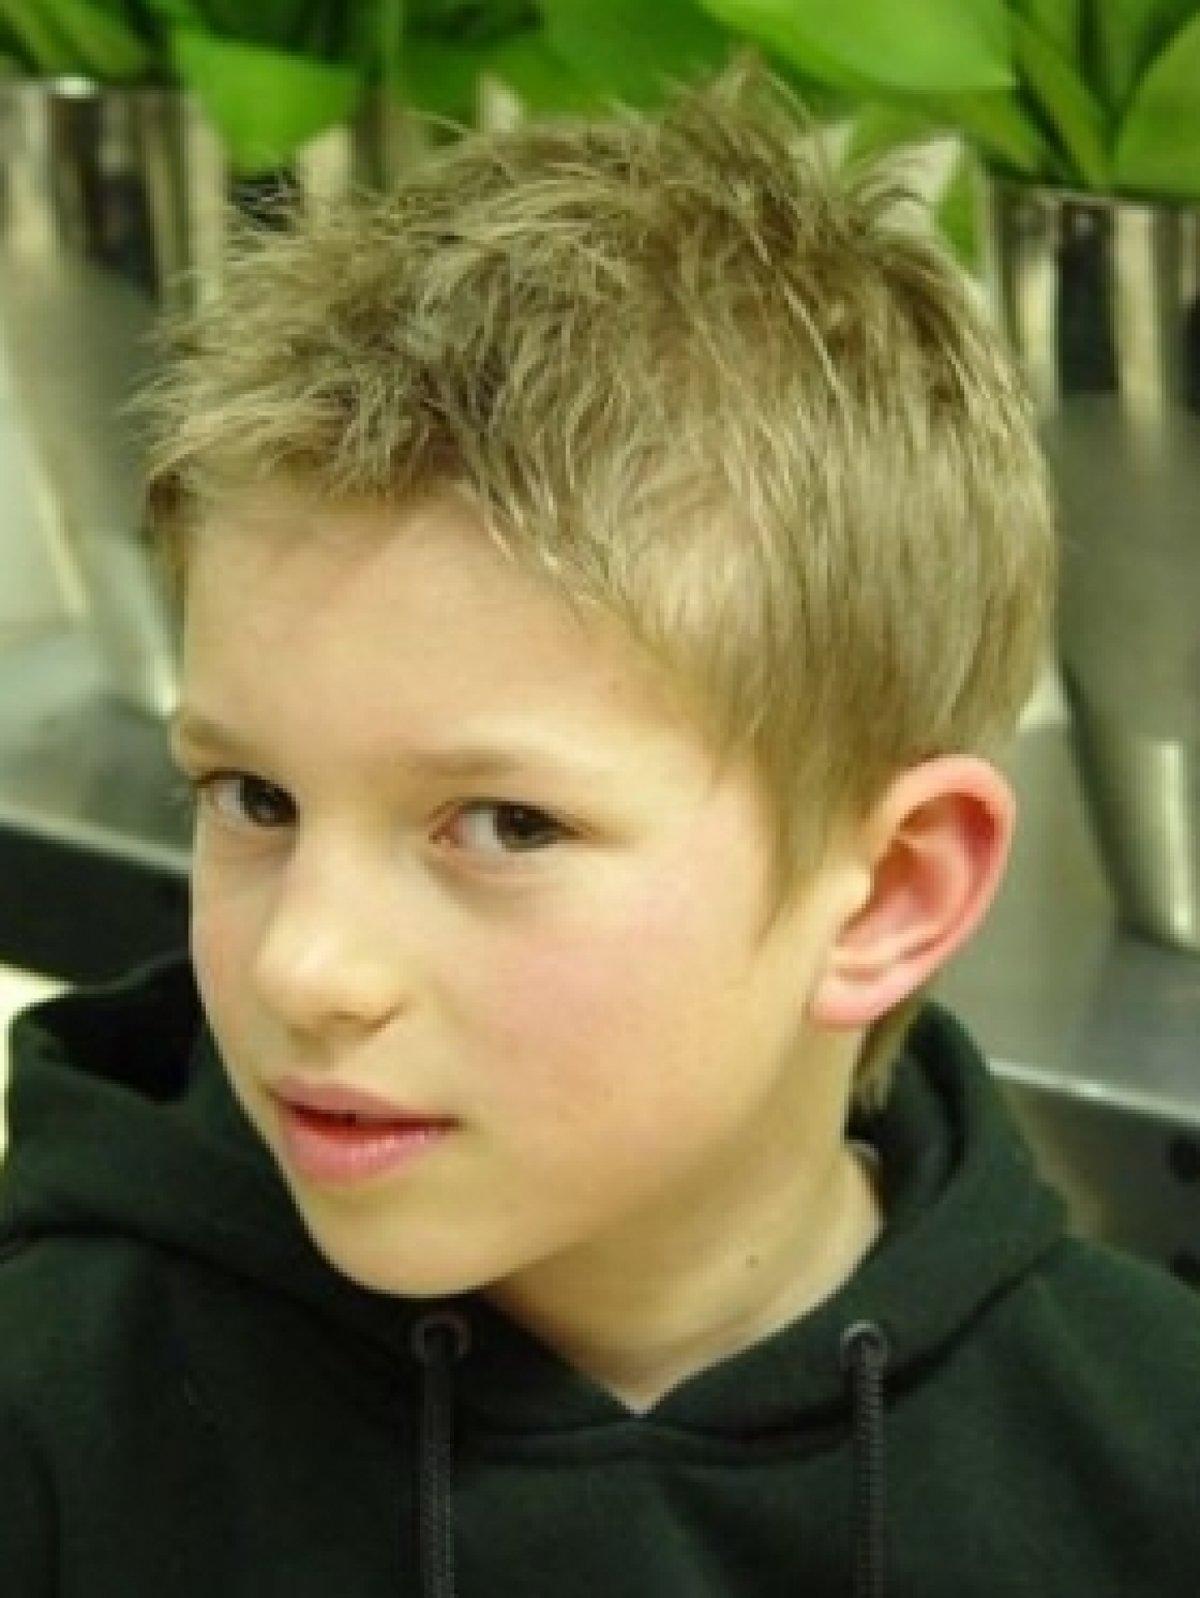 Фото причесок для мальчиков 11 лет